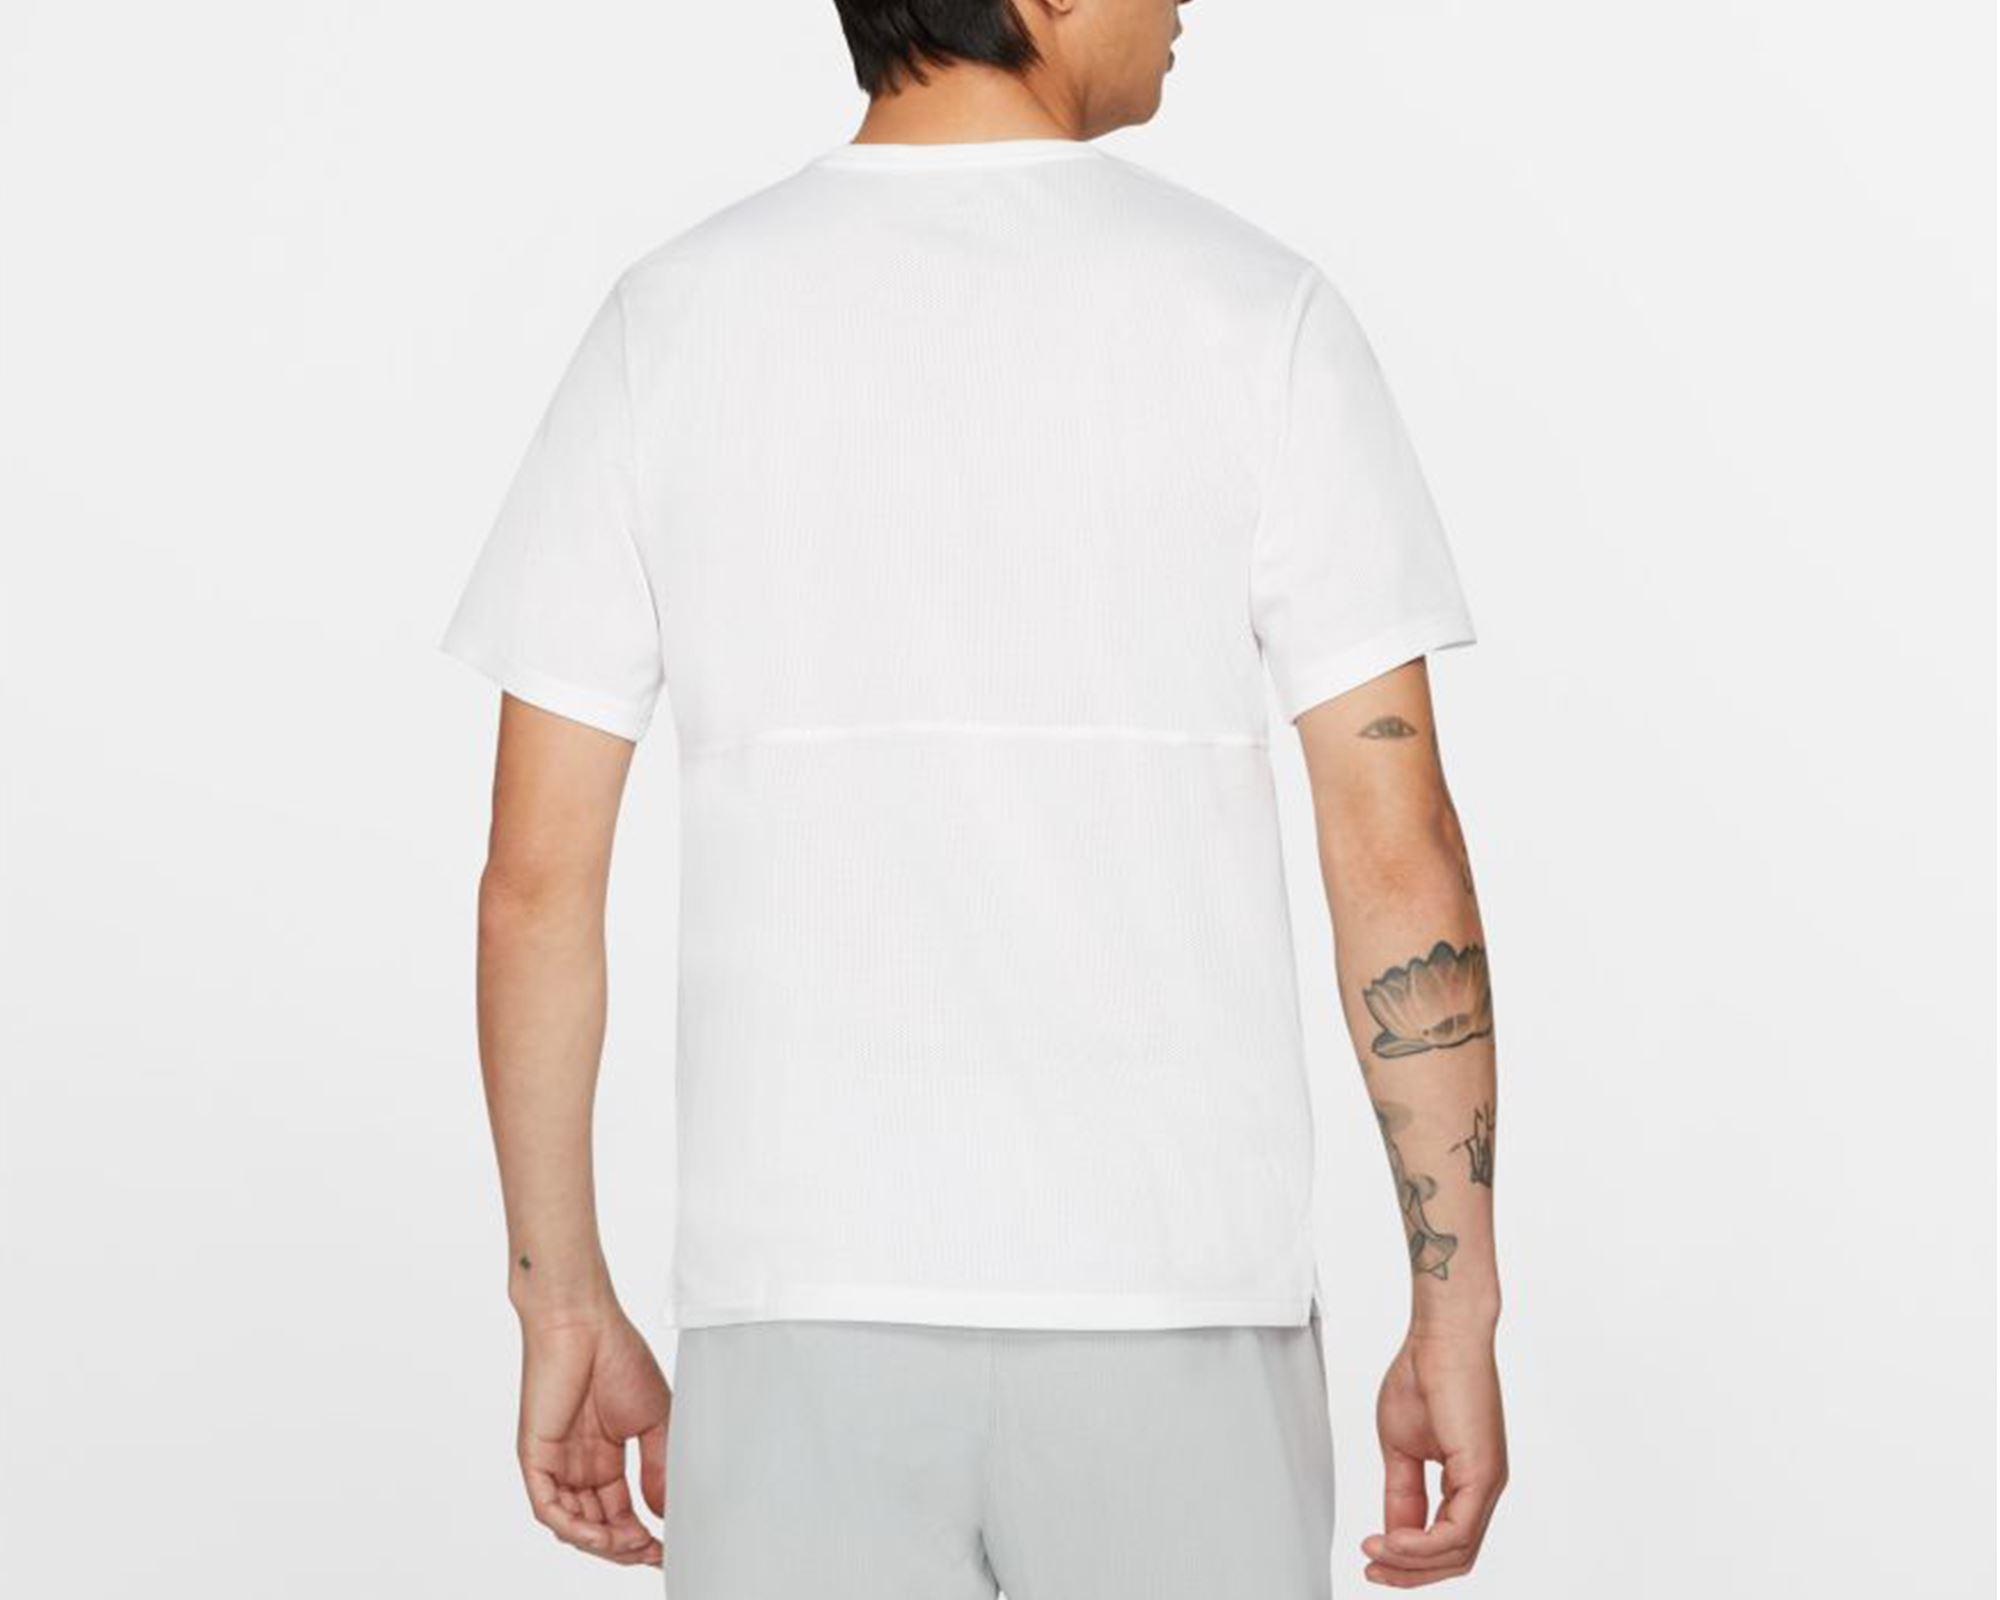 Breathe Erkek Beyaz Koşu Tişörtü (CJ5332-100)